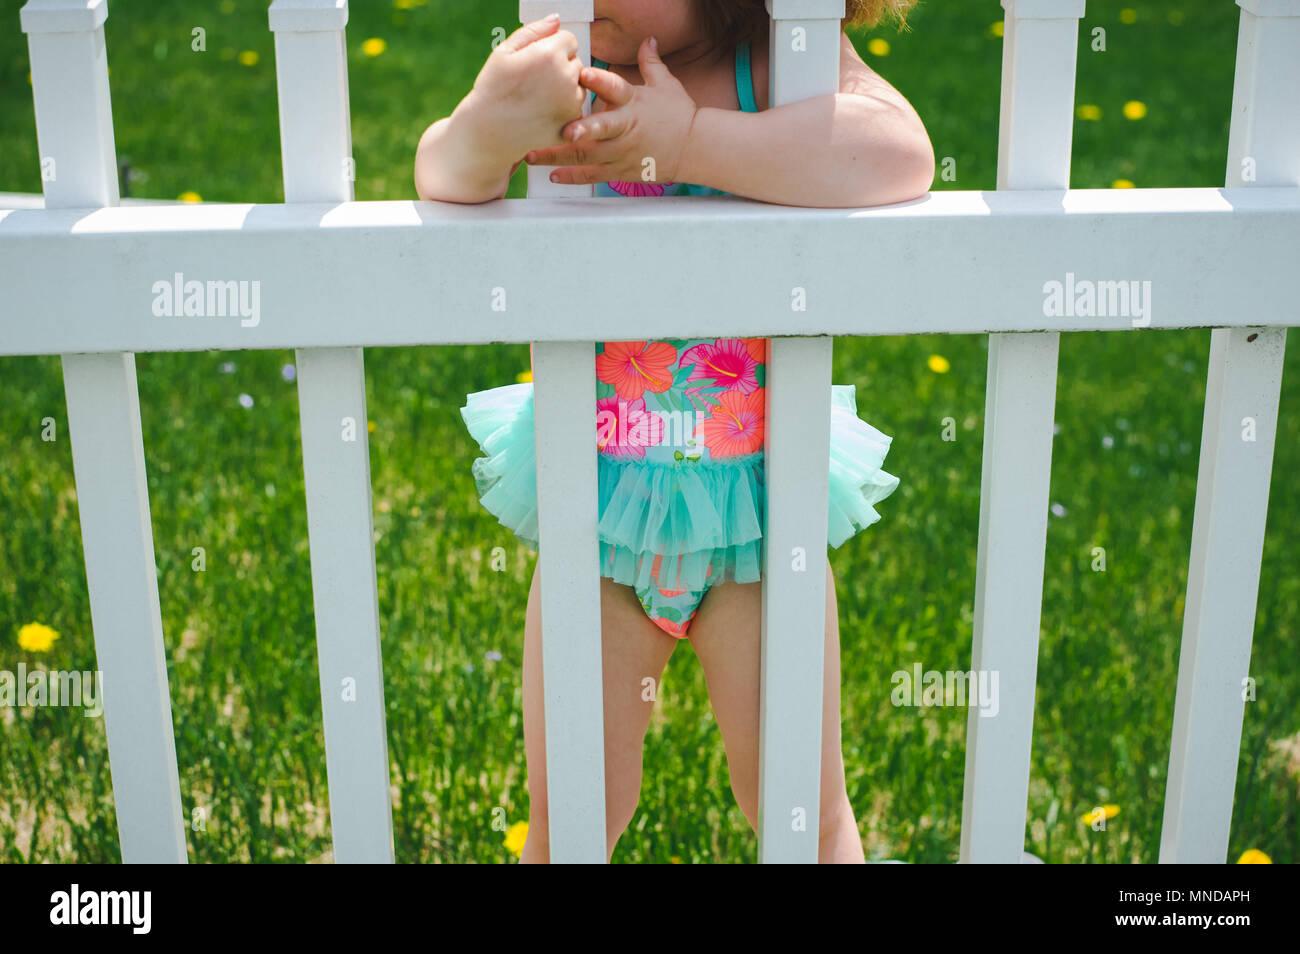 Un bambino senza volto bambina indossa un luminoso colorato costume da bagno con fiori su di esso. Immagini Stock